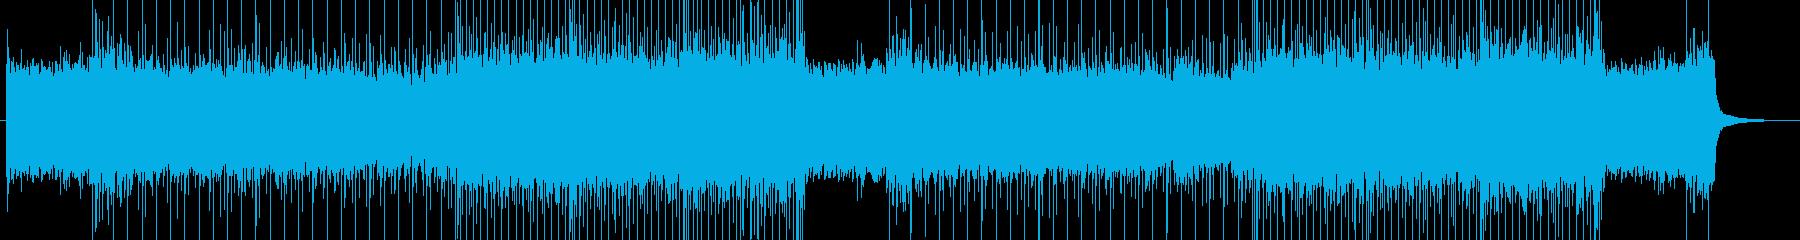 「Rock系」「sad系」BGM57の再生済みの波形